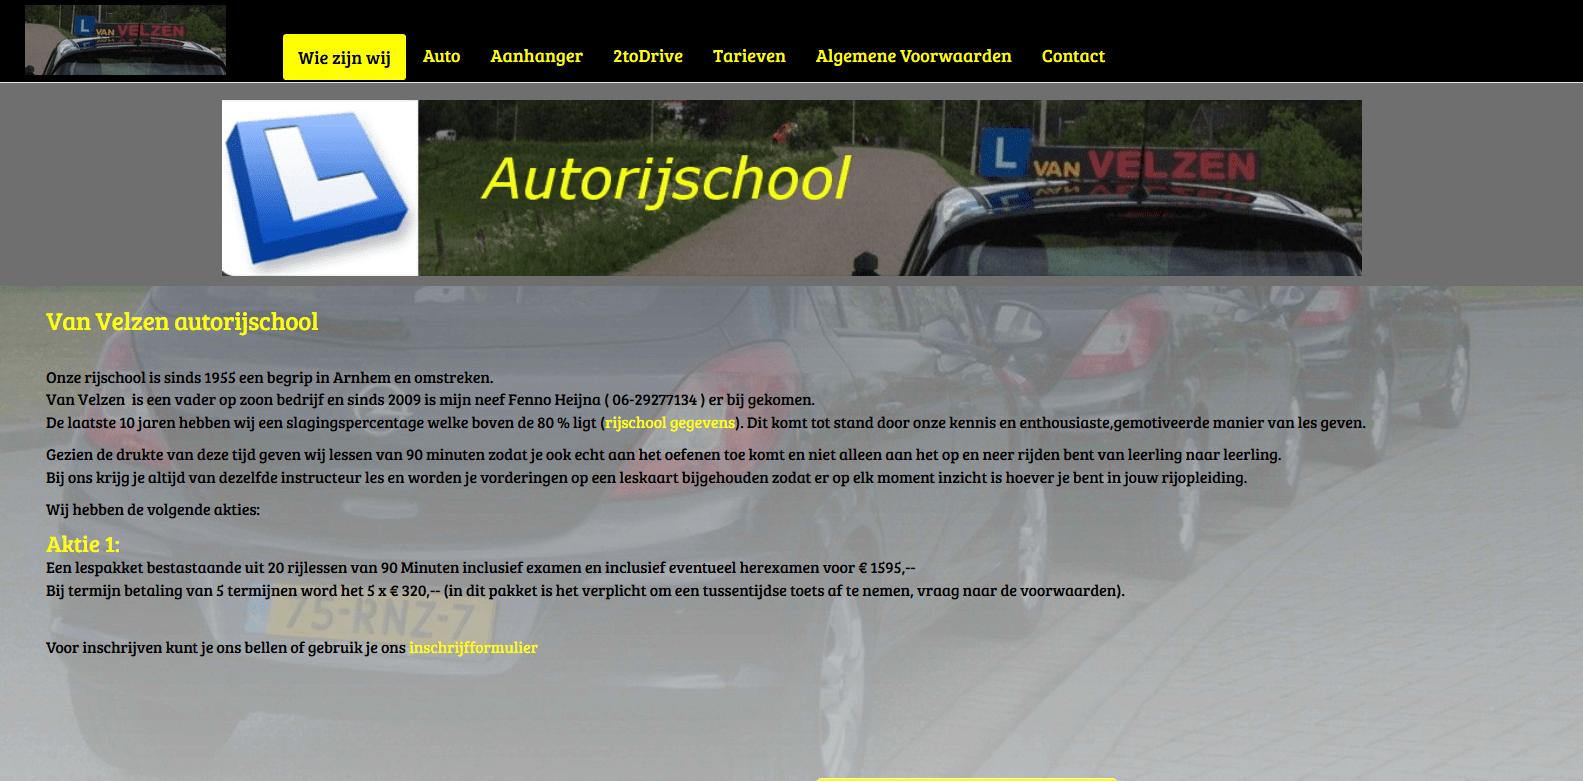 Van Velzen Autorijschool